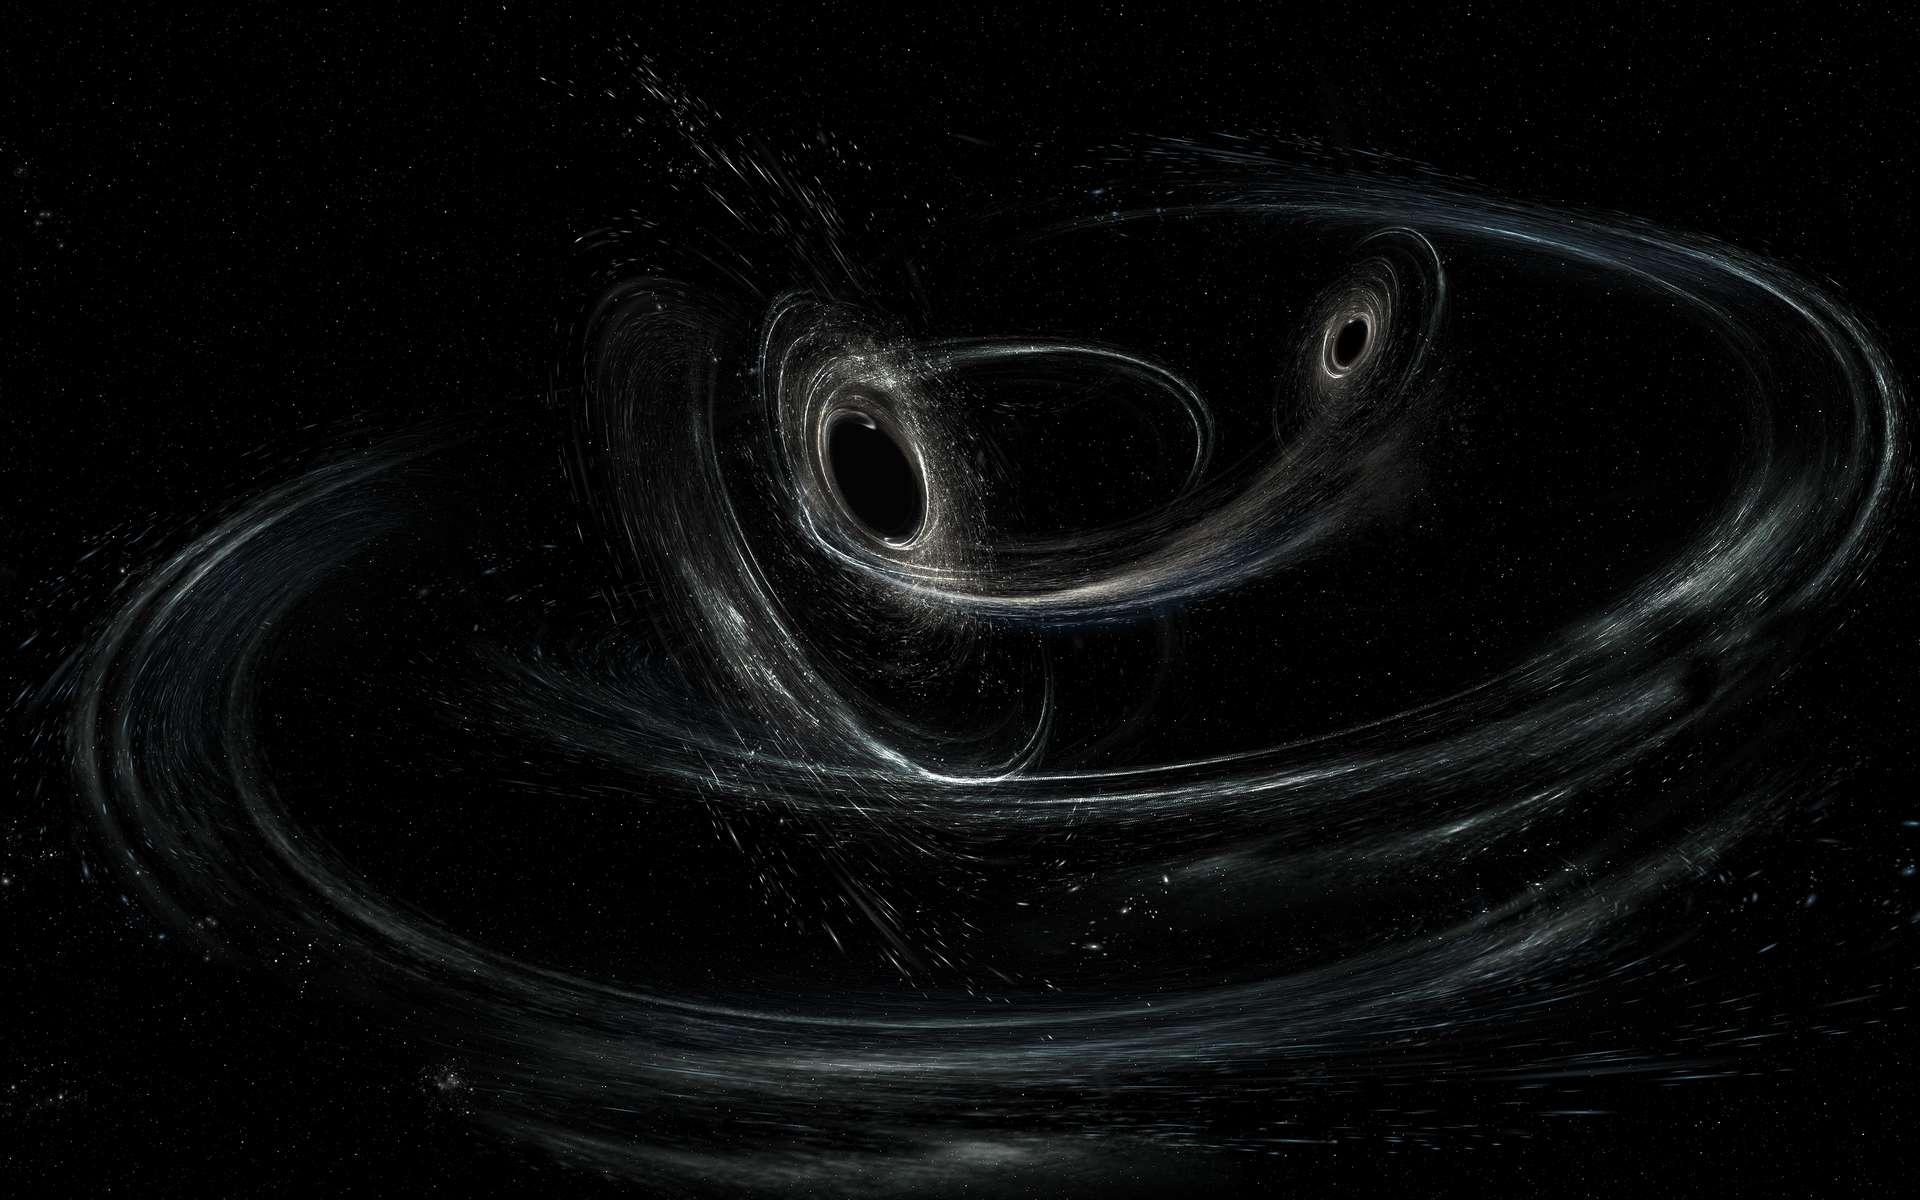 Une vue d'artiste de deux trous noirs formant un système binaire. © Aurore Simonnet